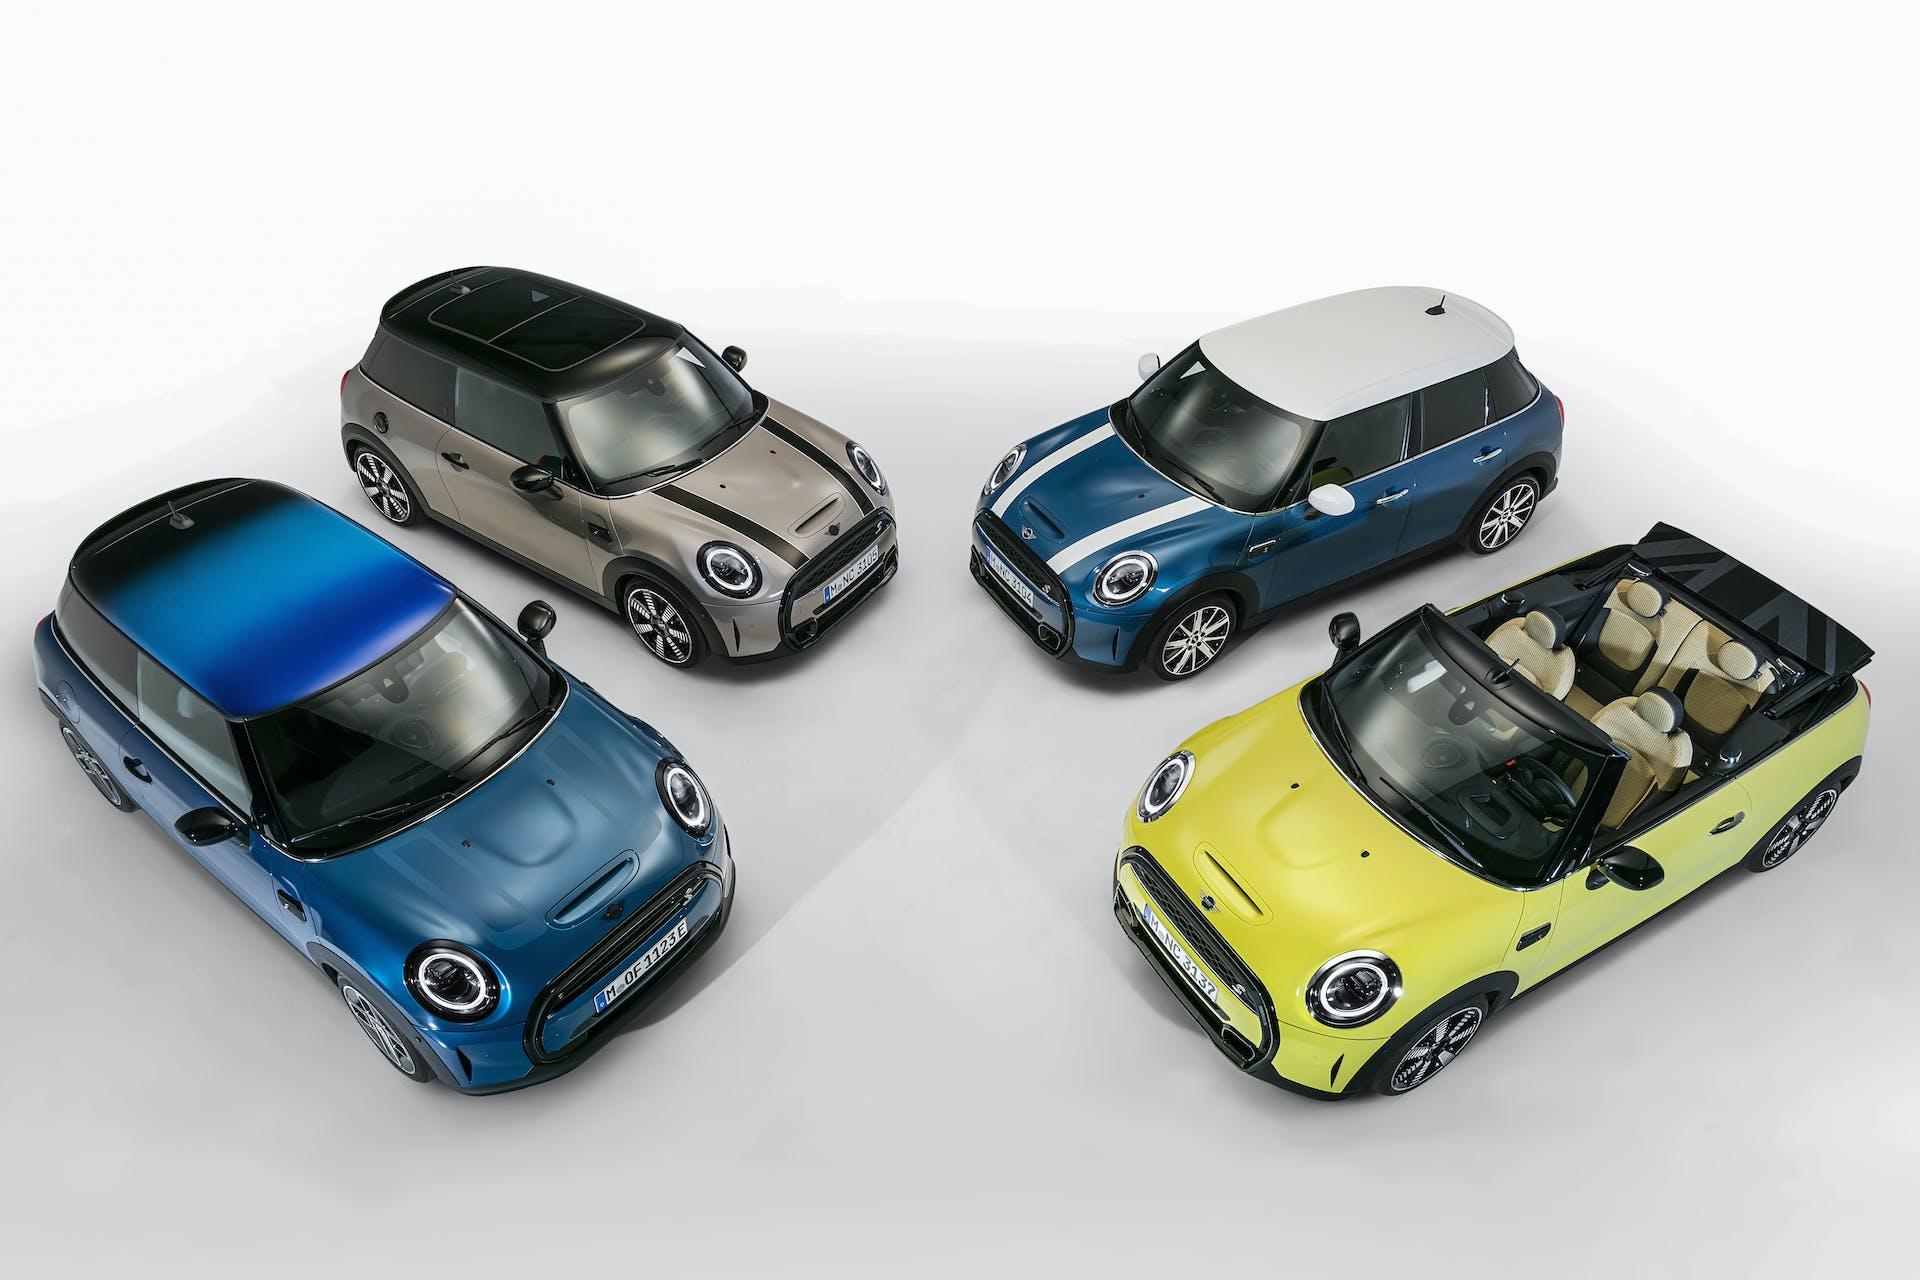 Nuove Mini Cooper S 3 porte, S 5 porte, S cabrio ed elettrica SE riprese dall'alto su sfondo bianco